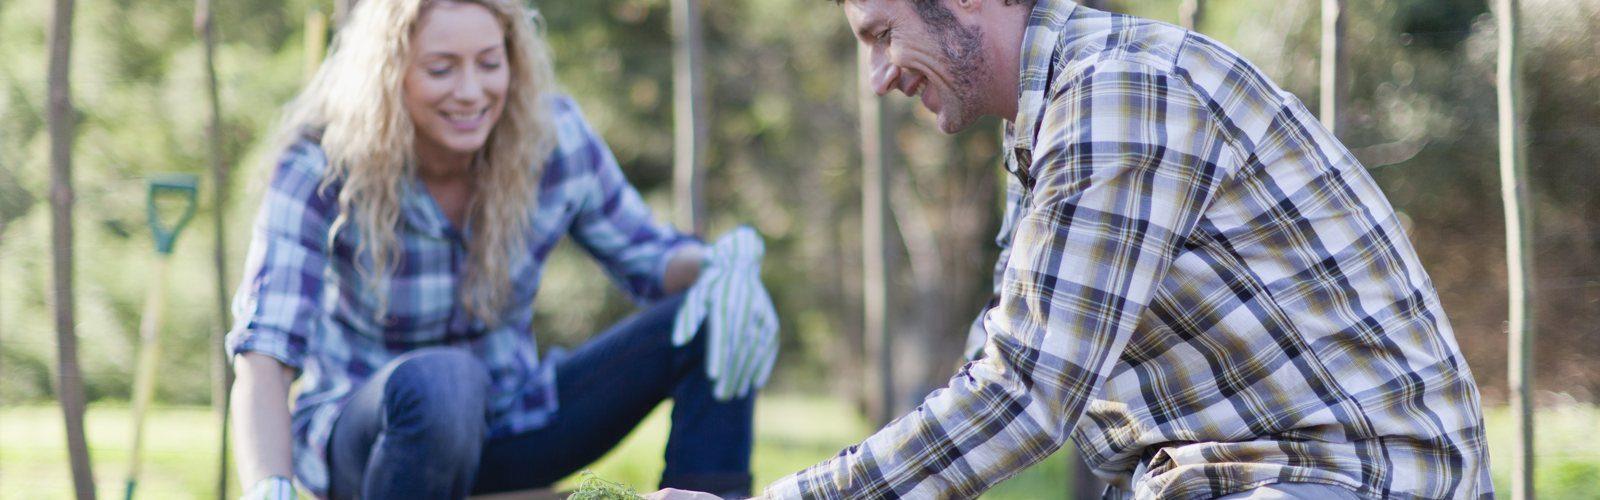 Lachendes Pärchen beim Gärtnern in einem Garten. Er legt Möhren in eine Kiste, sie sticht Möhren mit einer Schaufel aus.